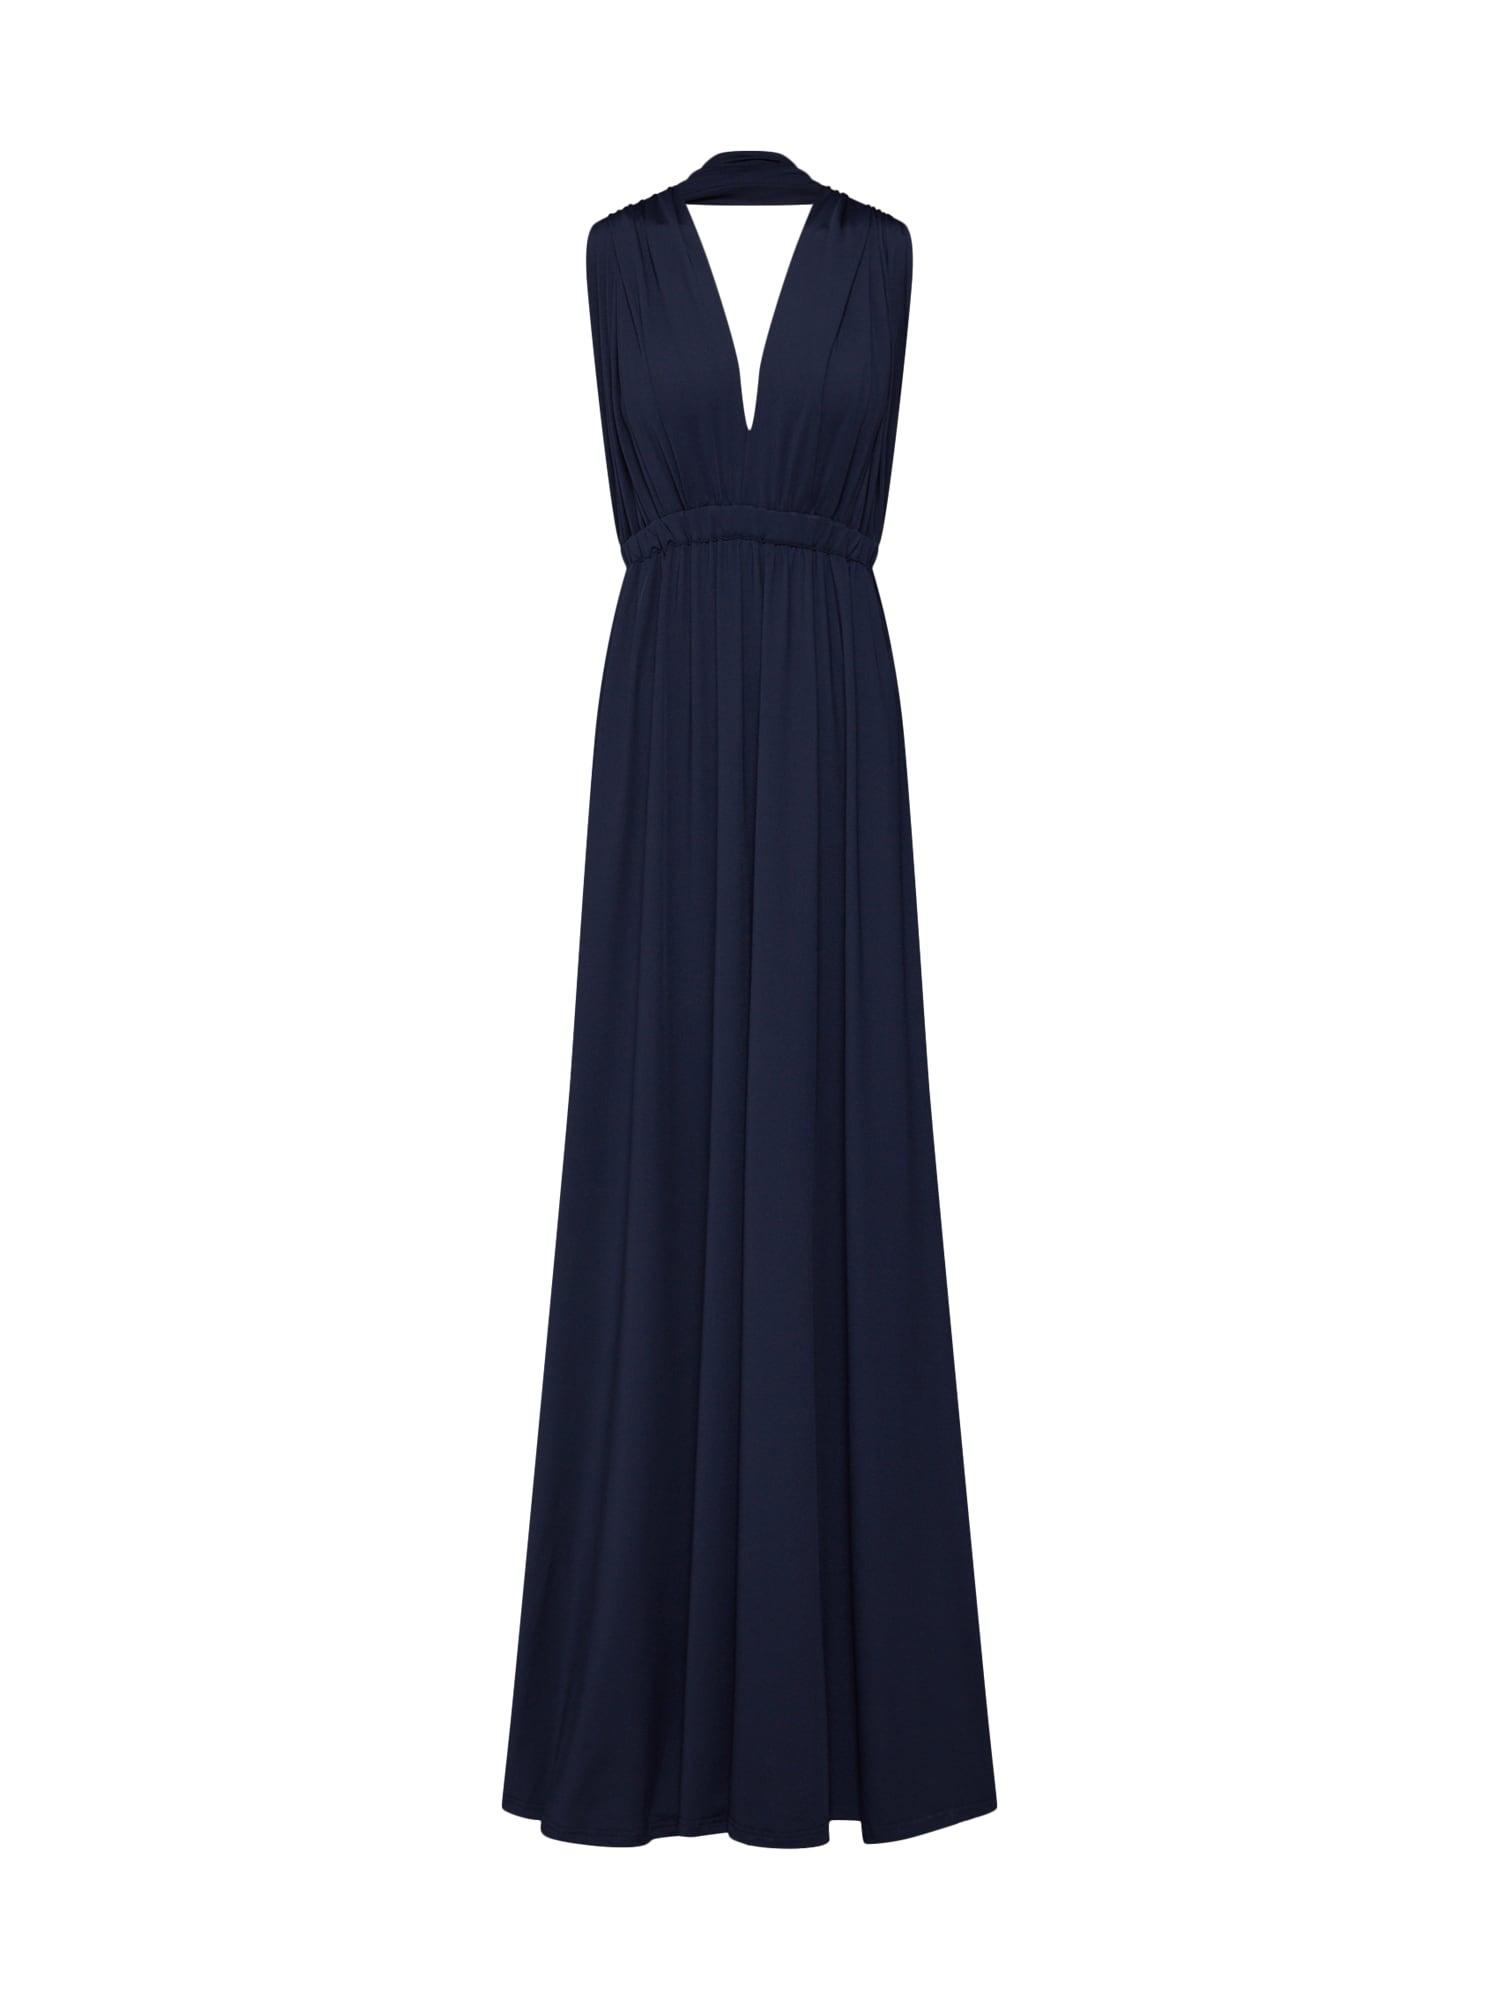 Společenské šaty Lola modrá By Malina